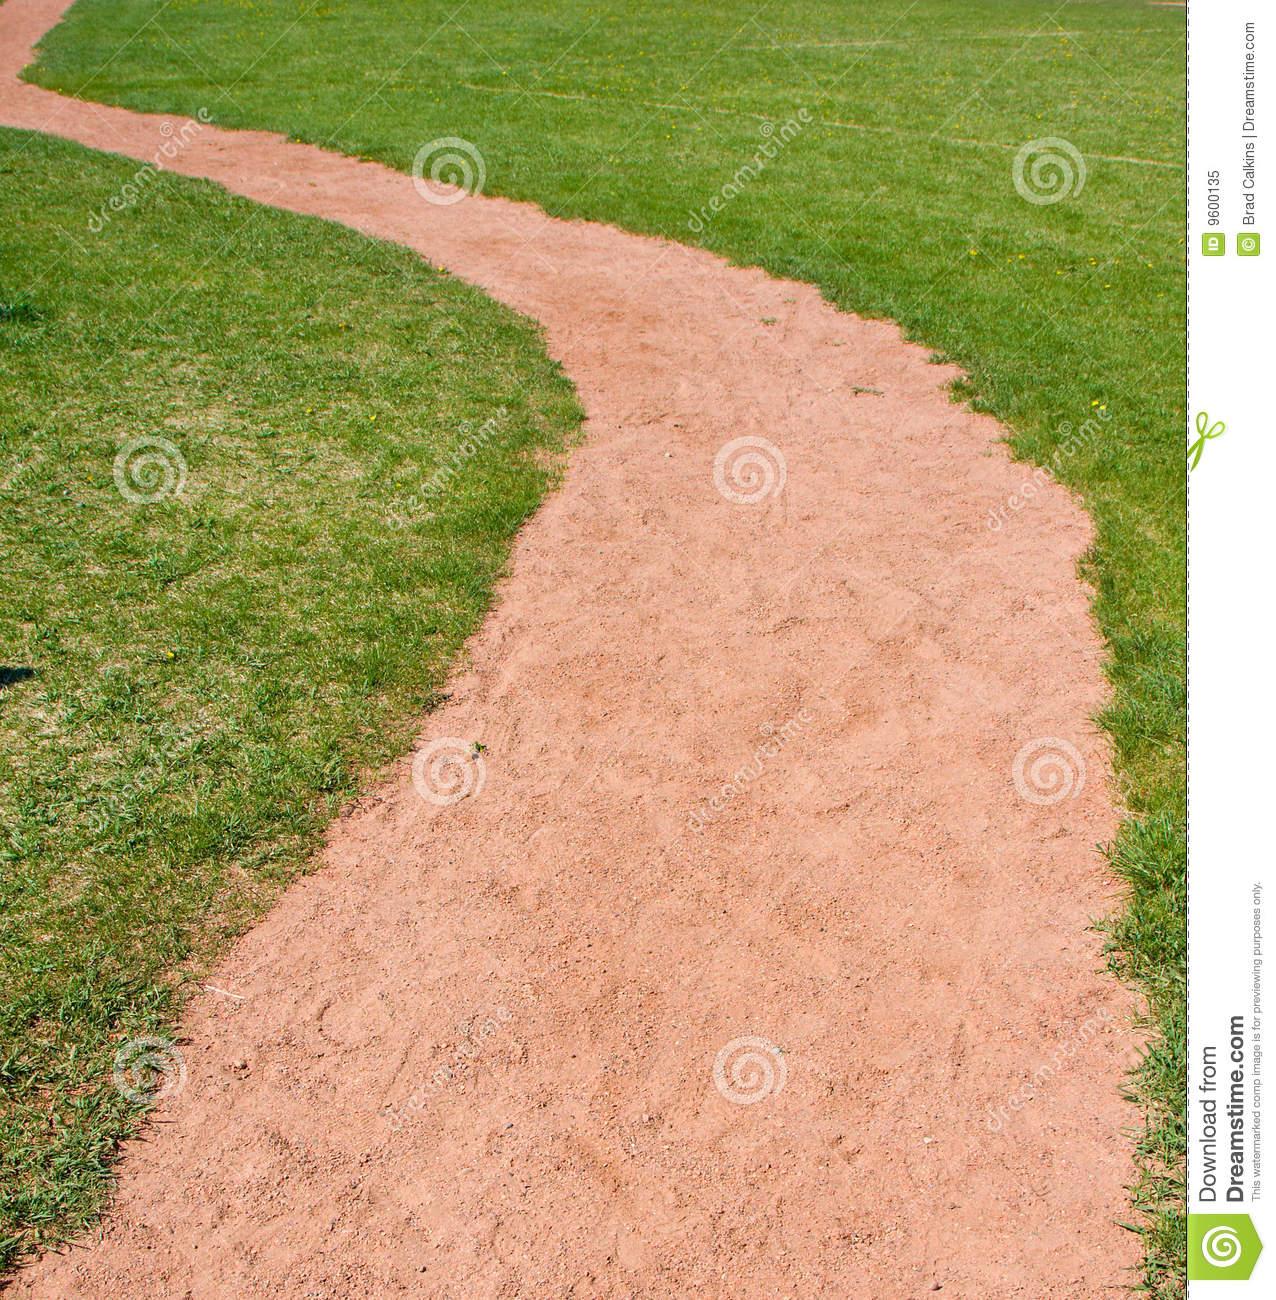 Dirt path clipart.